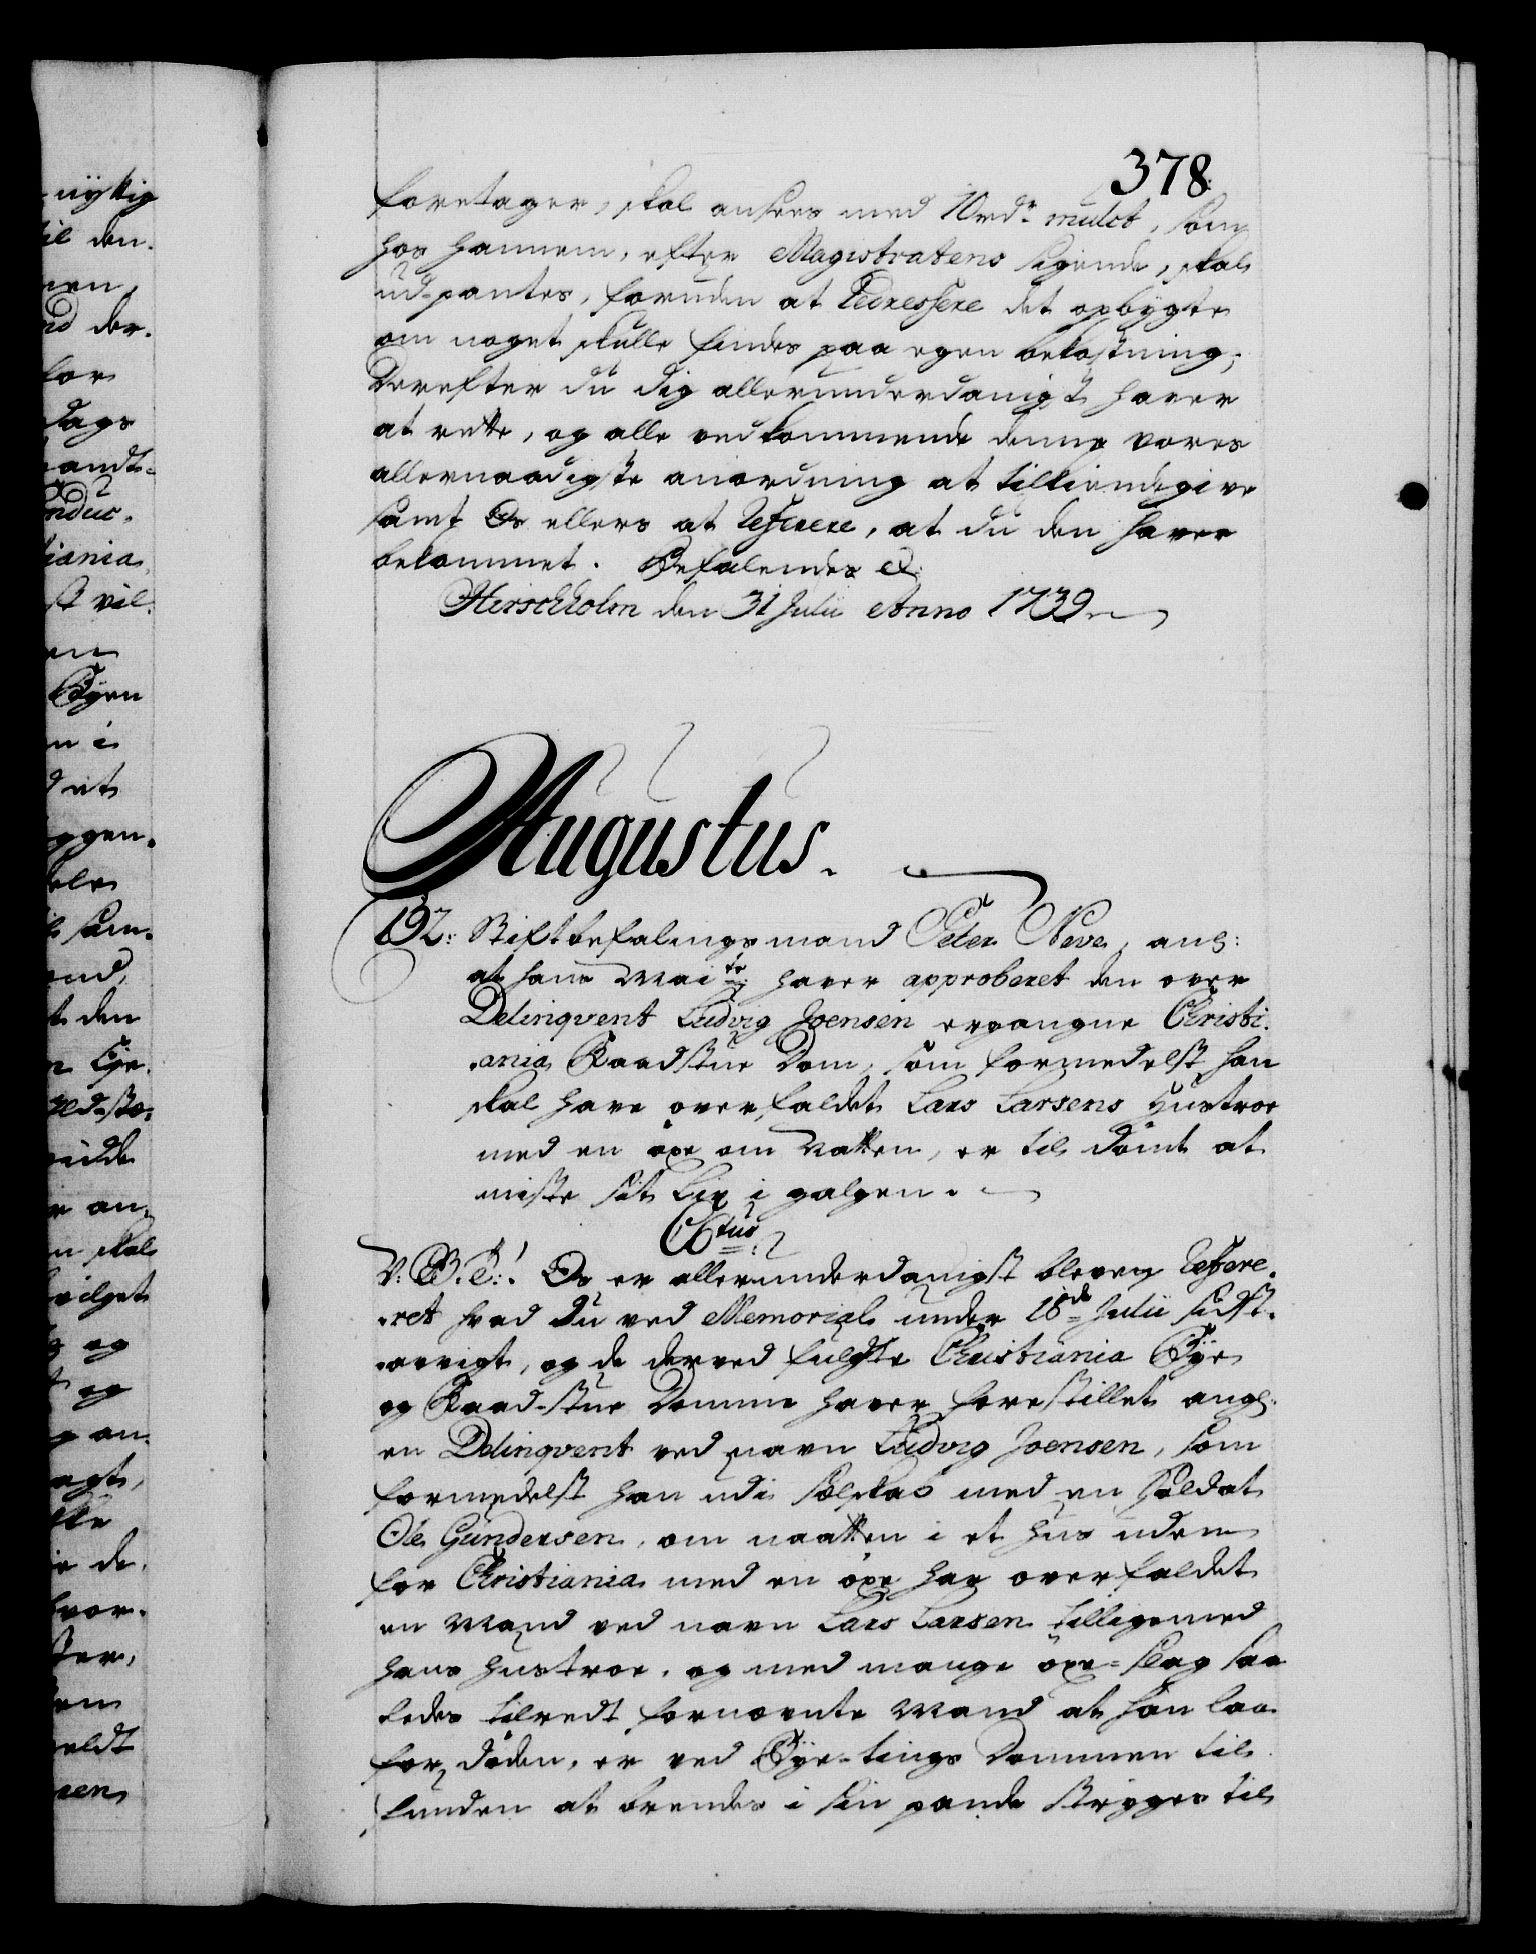 RA, Danske Kanselli 1572-1799, F/Fc/Fca/Fcab/L0028: Norske tegnelser, 1738-1740, s. 378a